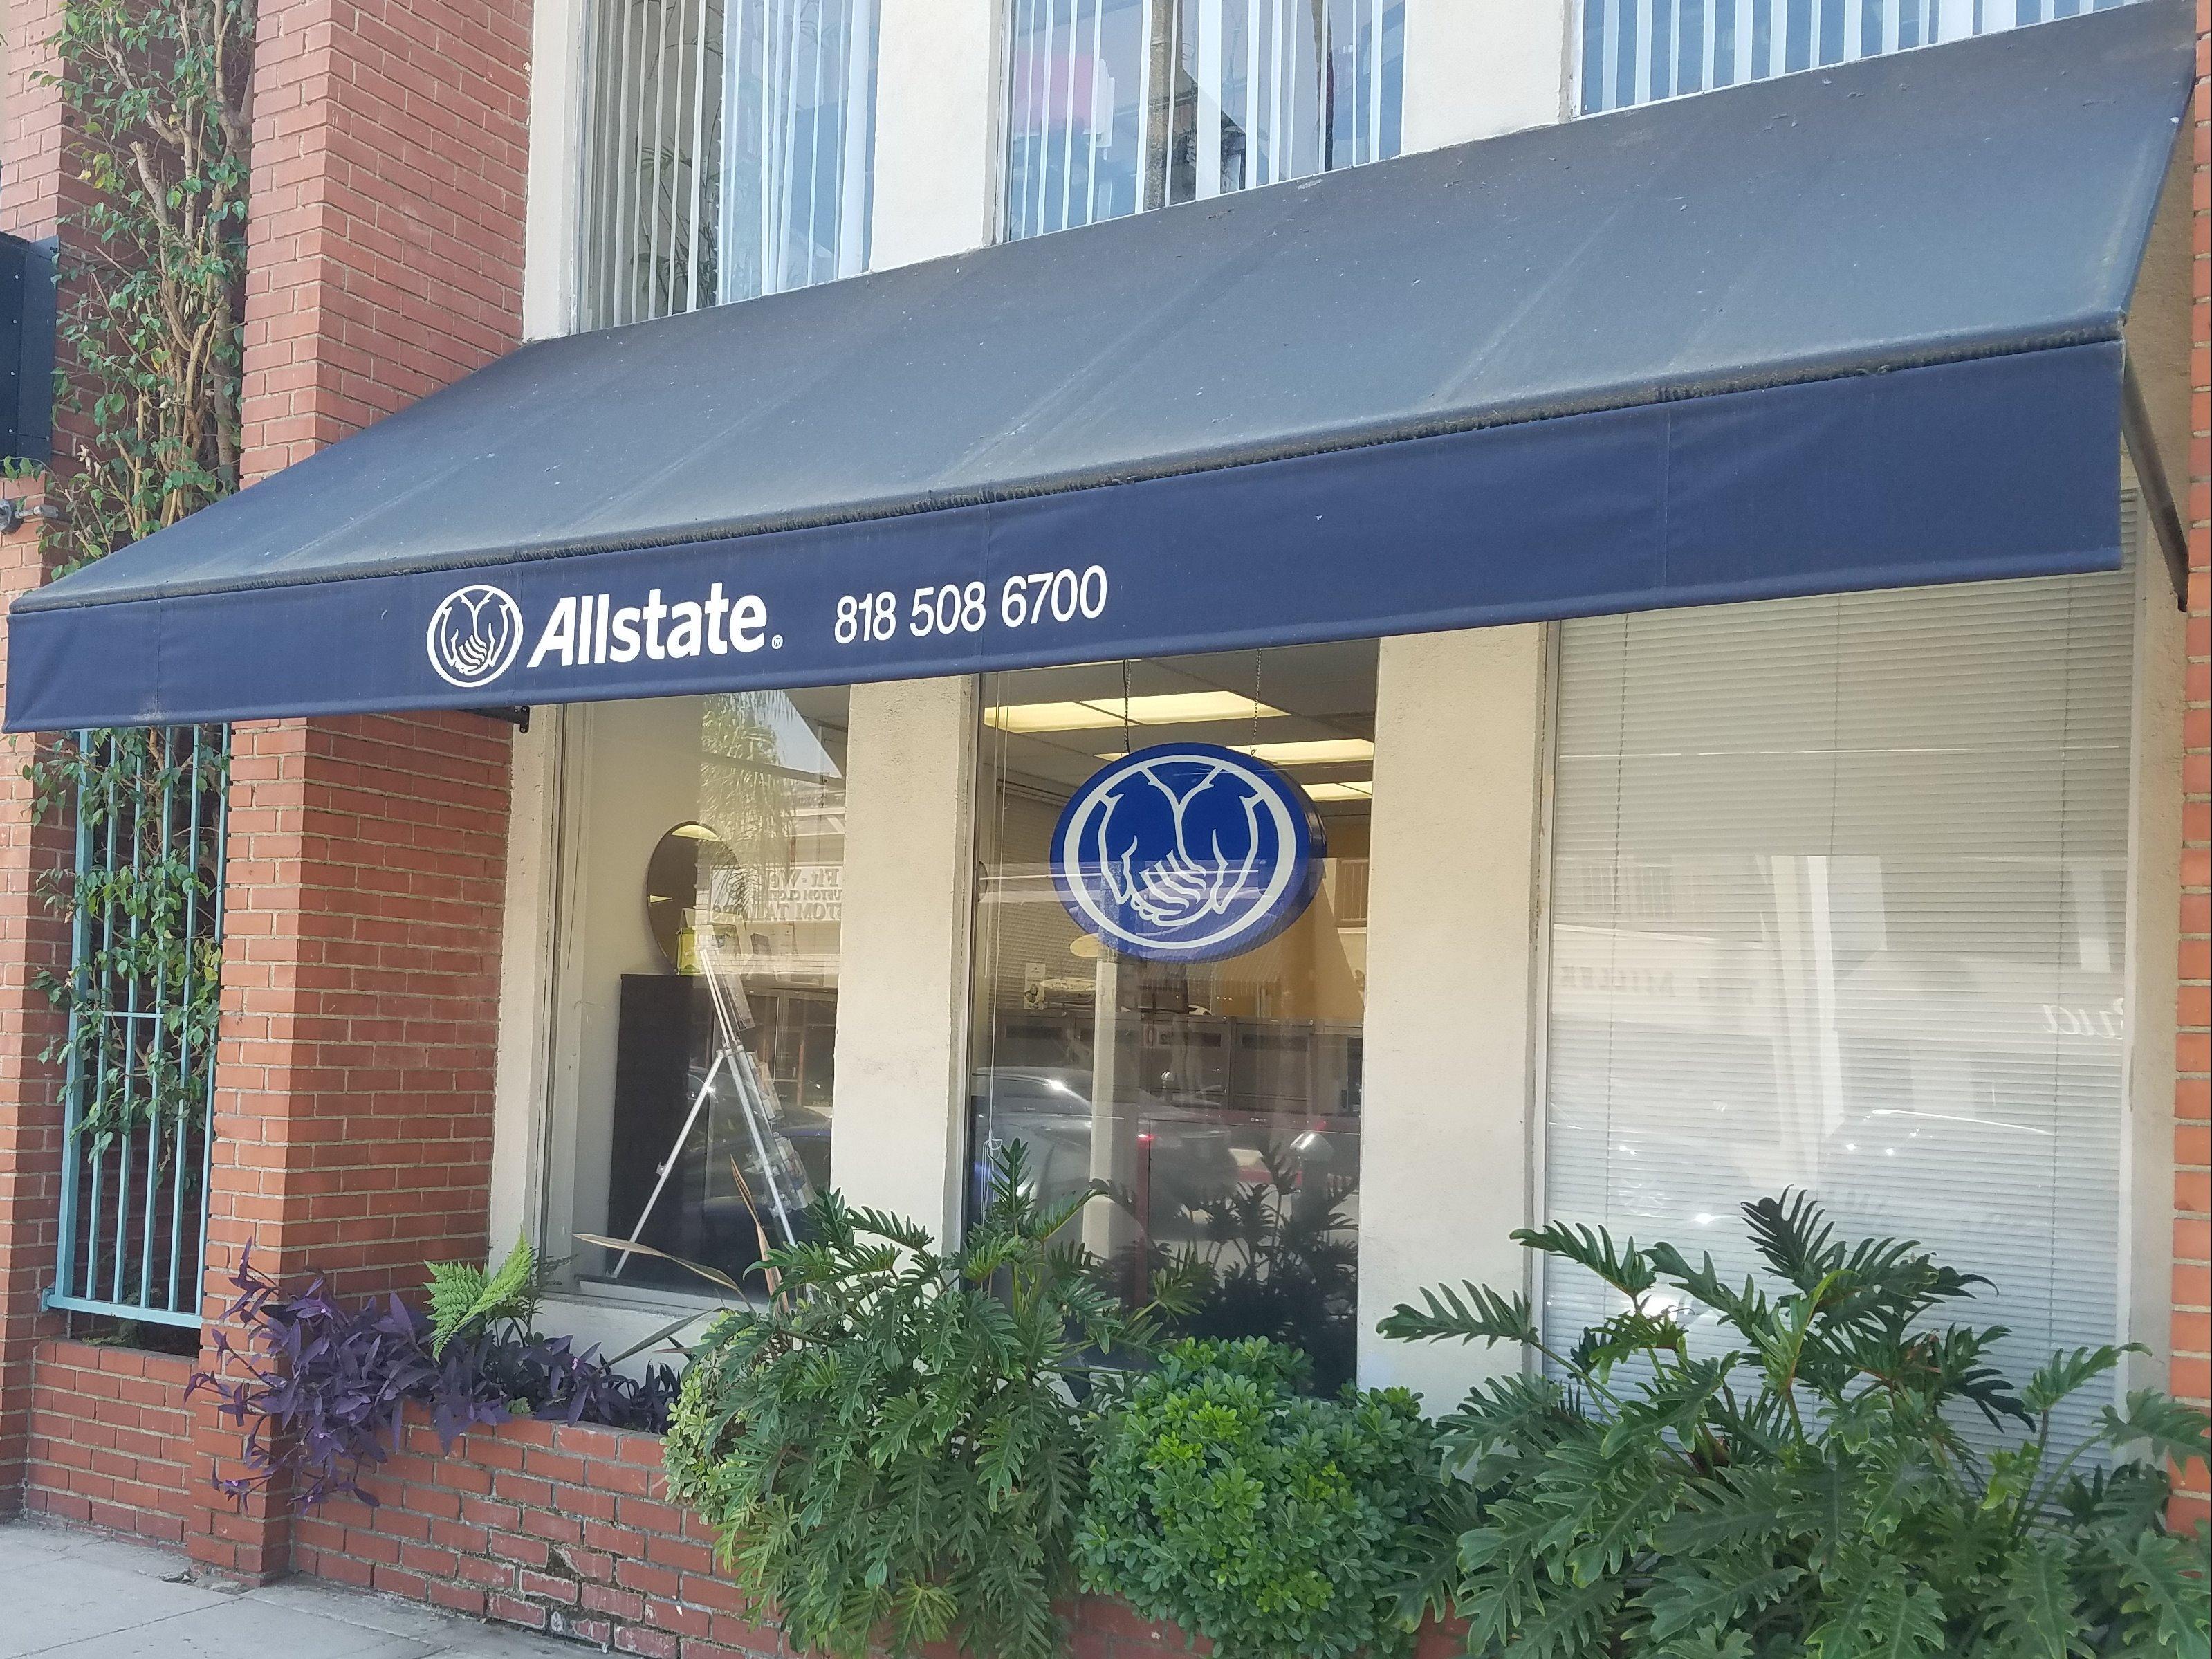 Paul Park: Allstate Insurance image 2